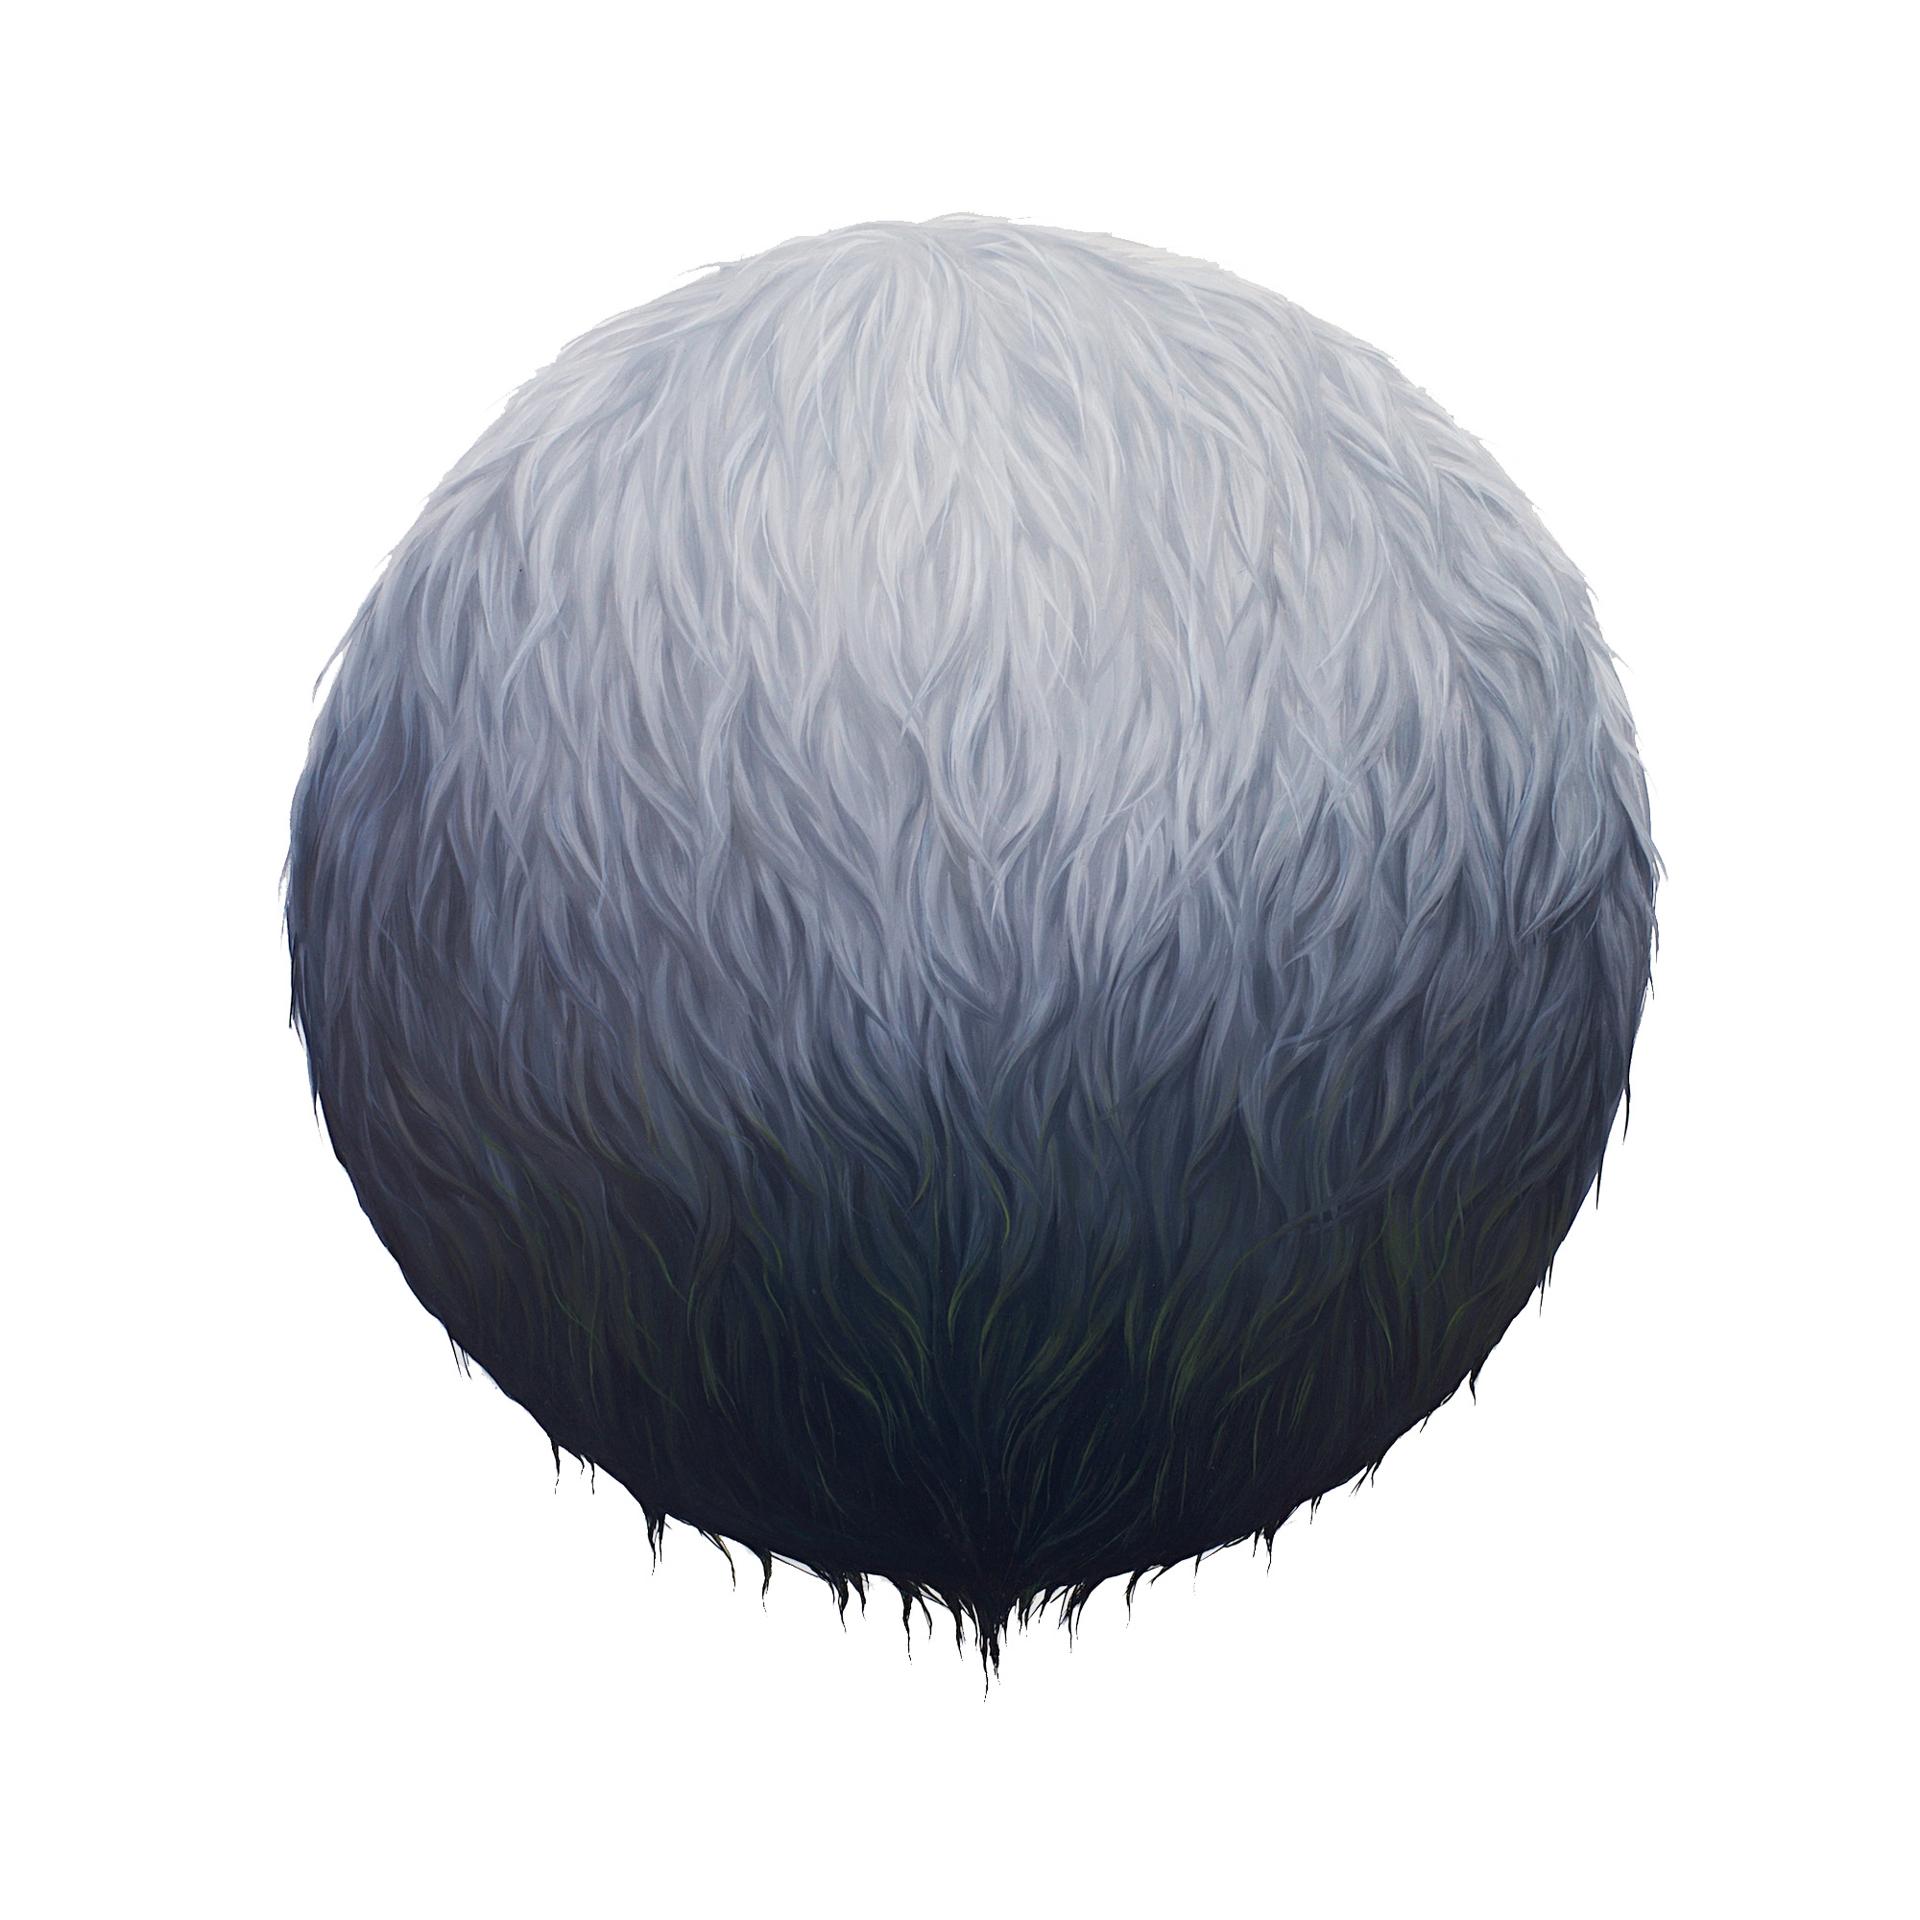 Shroud by Ashley Eliza Williams